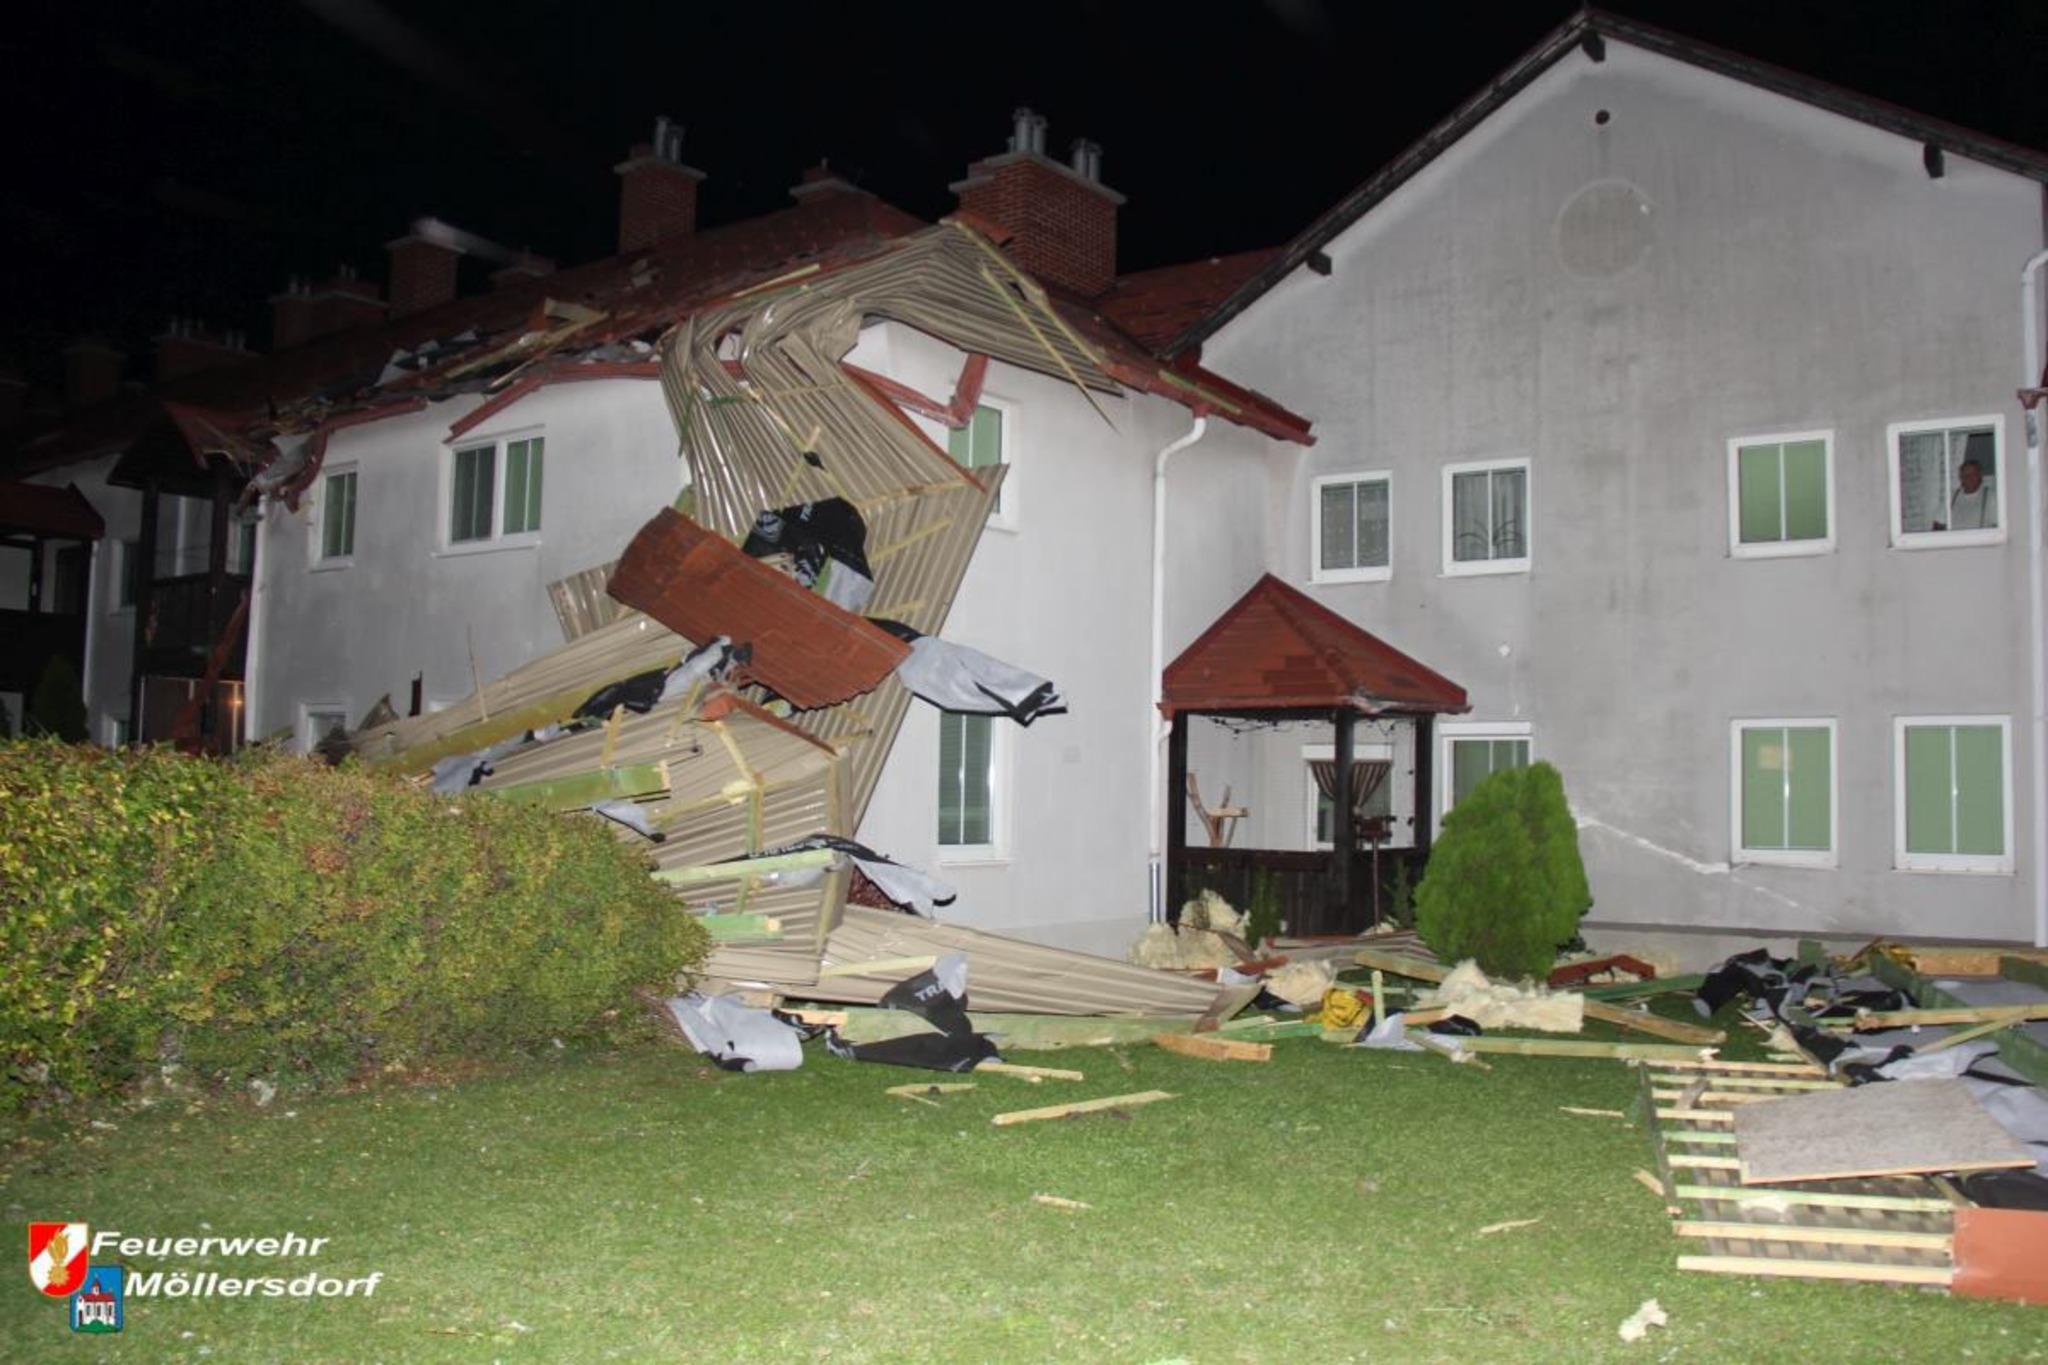 Dach vom Laufhaus weggerissen - Baden